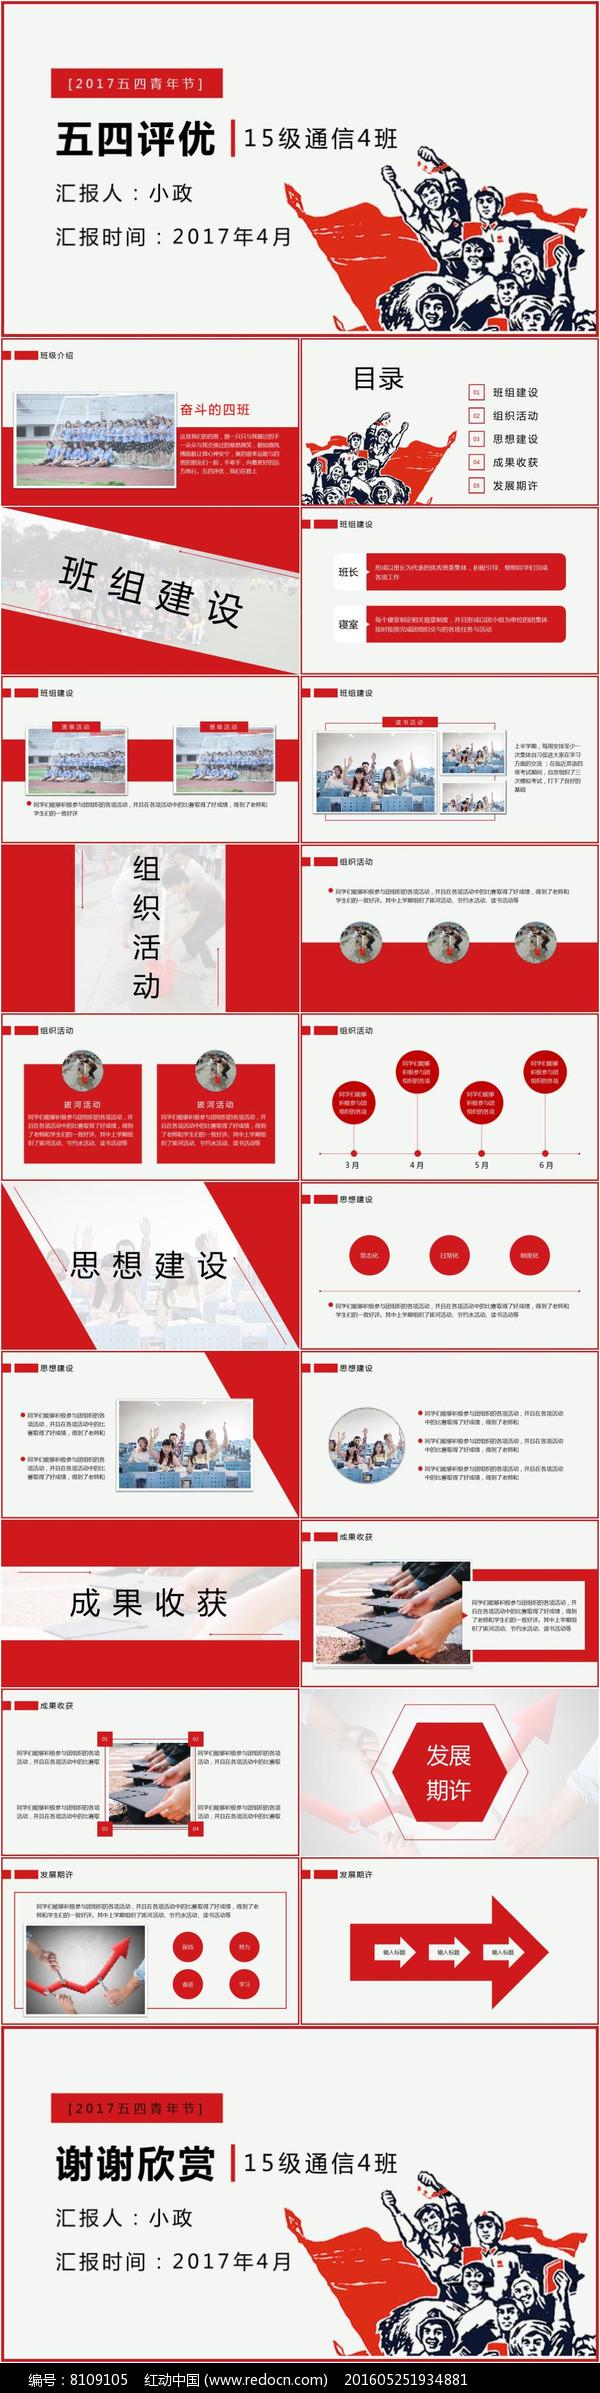 红色五四评优青年节团课通用ppt模版图片